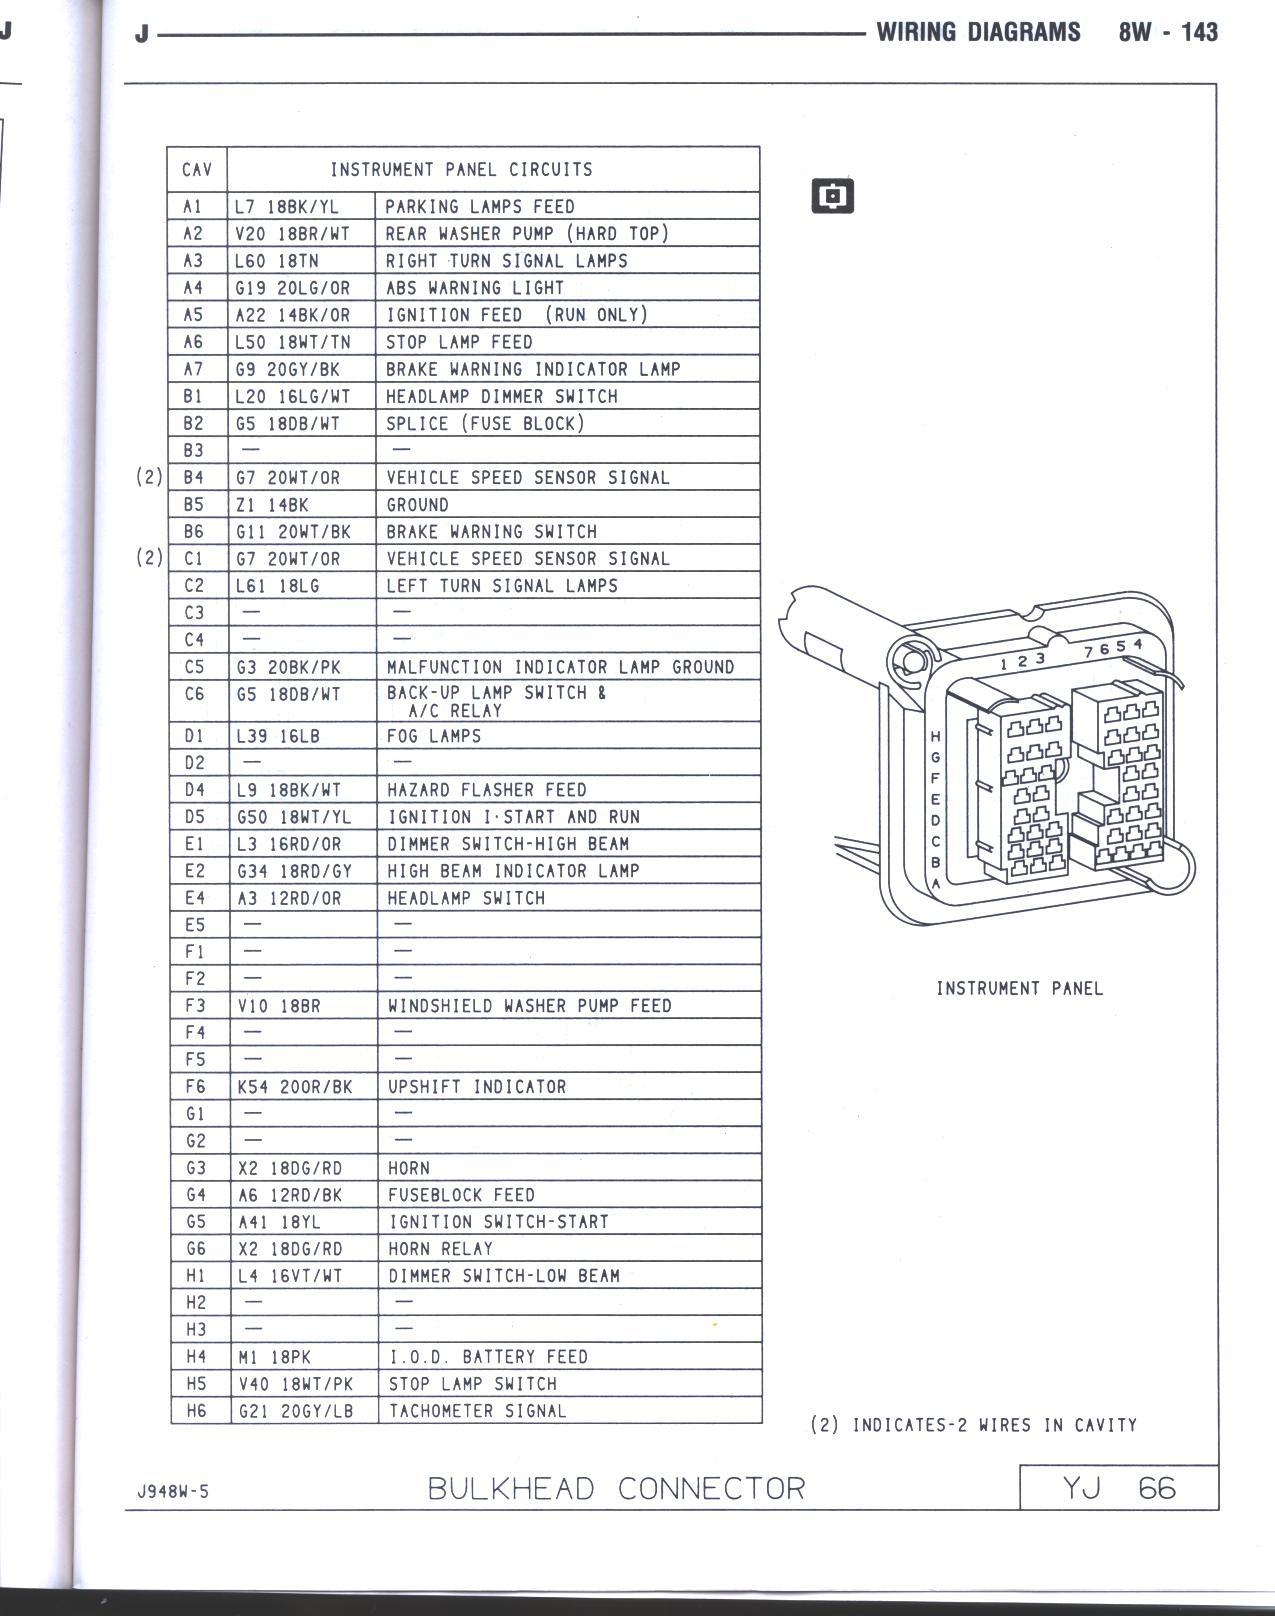 94 bulkhead jpg